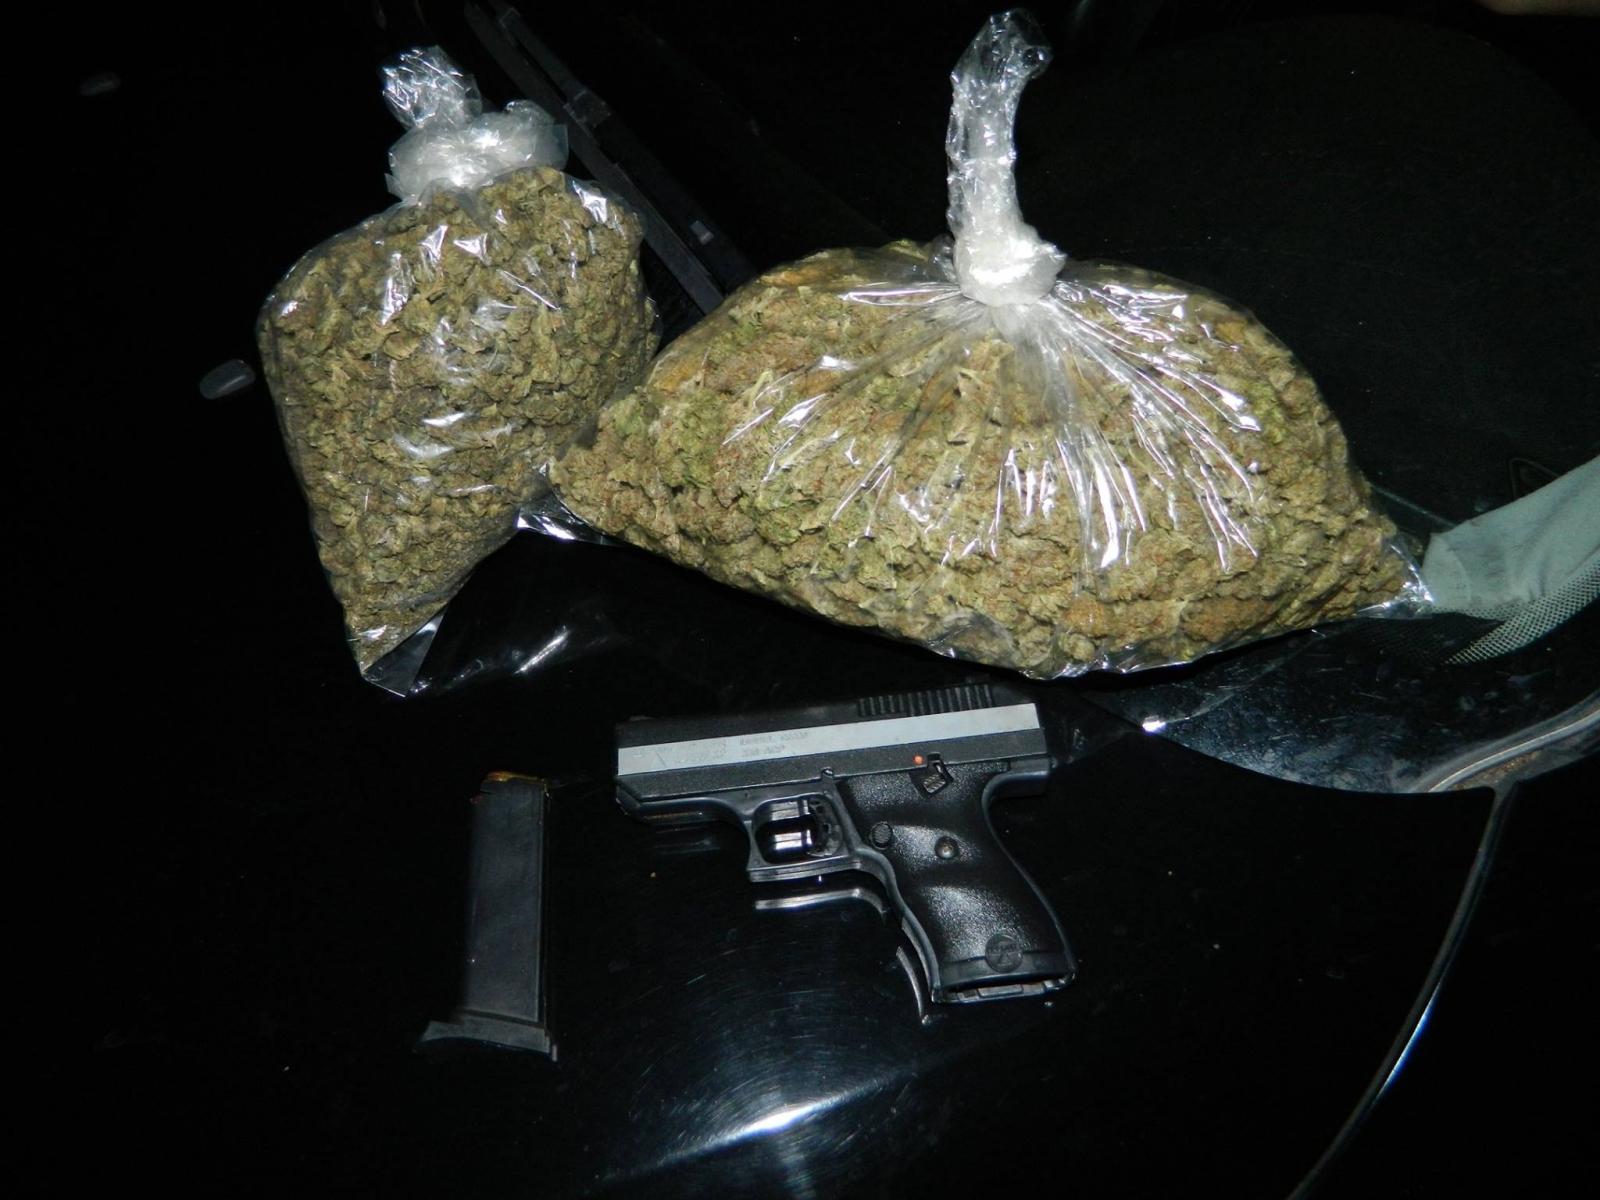 Marijuana and firearm found by police